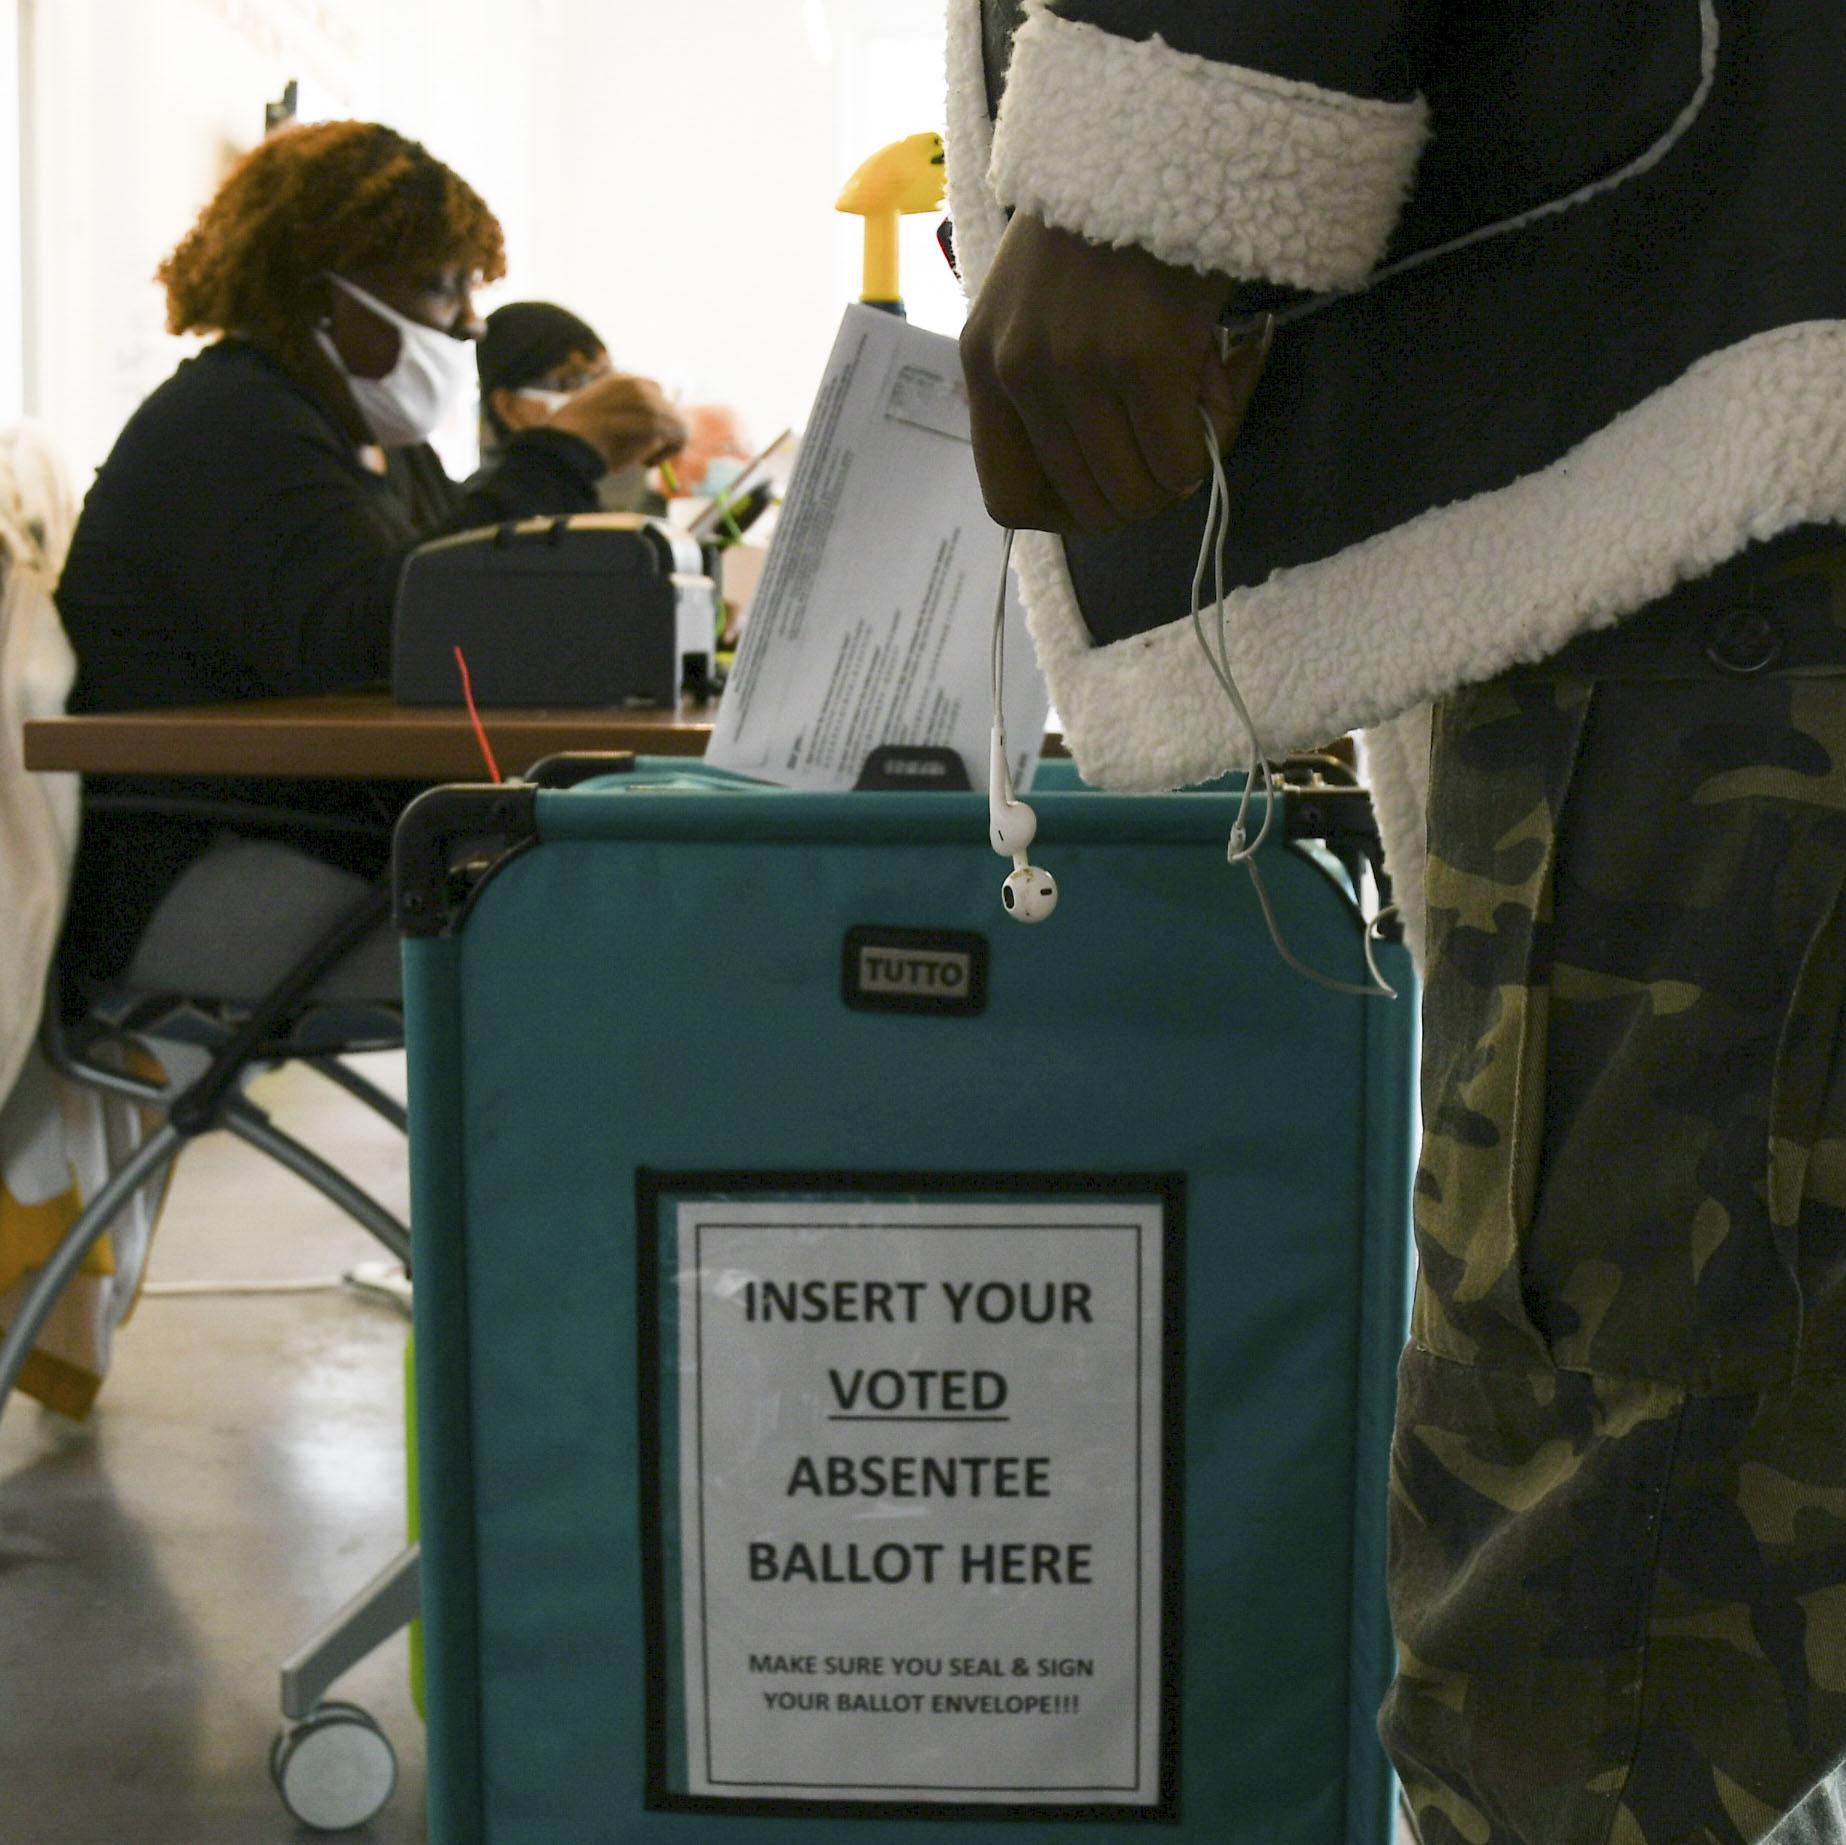 insert ballot